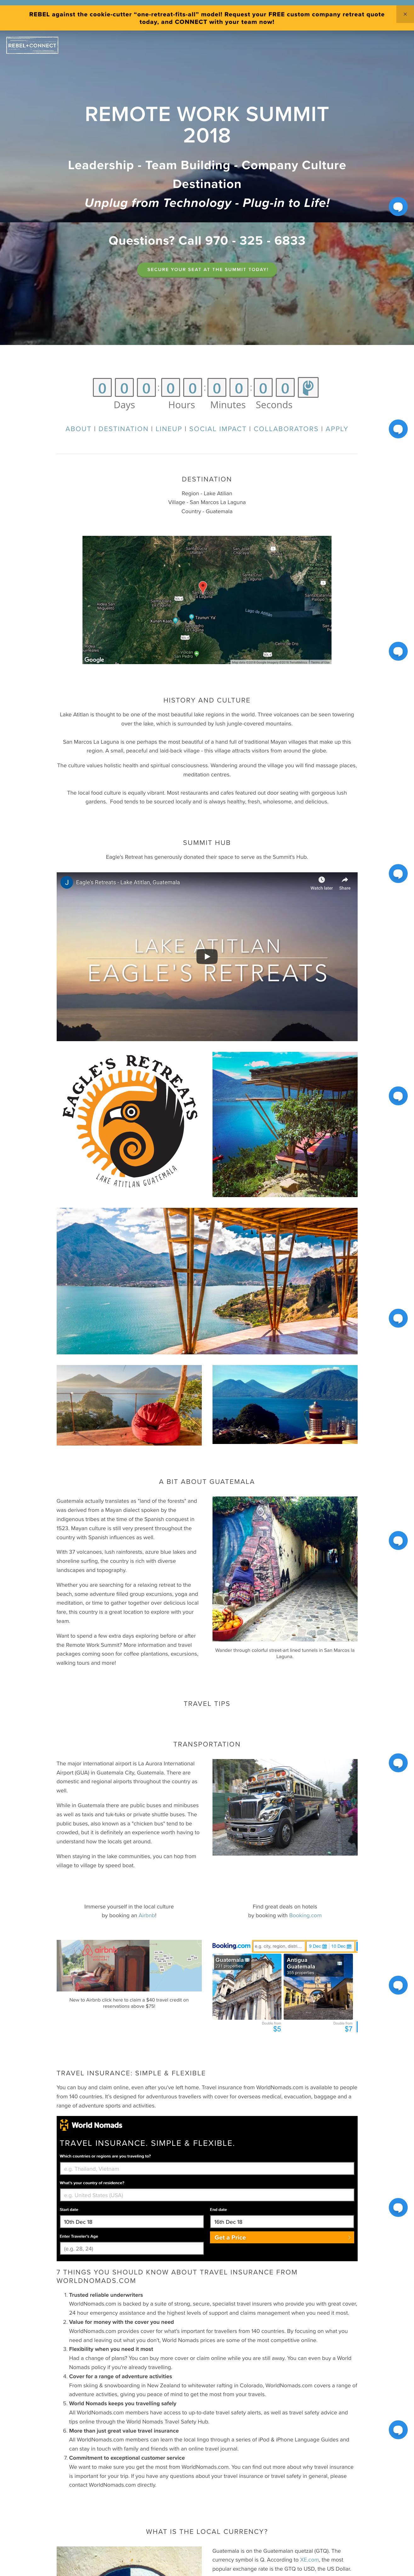 Firefox_Screenshot_2018-12-10T18-31-28.640Z.png